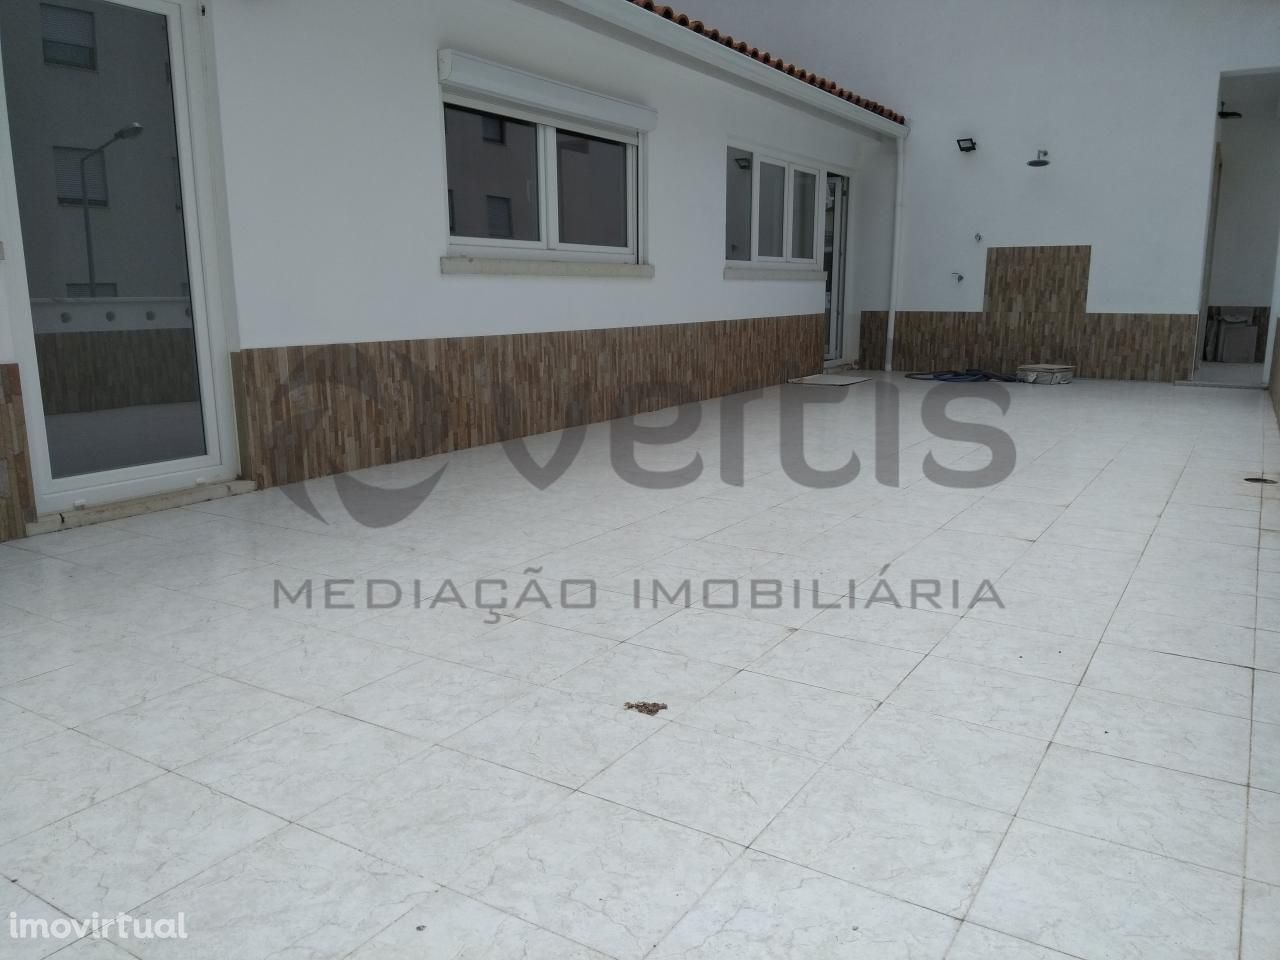 Apartamento T4 C/ terraço com 40 m2 e Vista Mar - Sesimbra